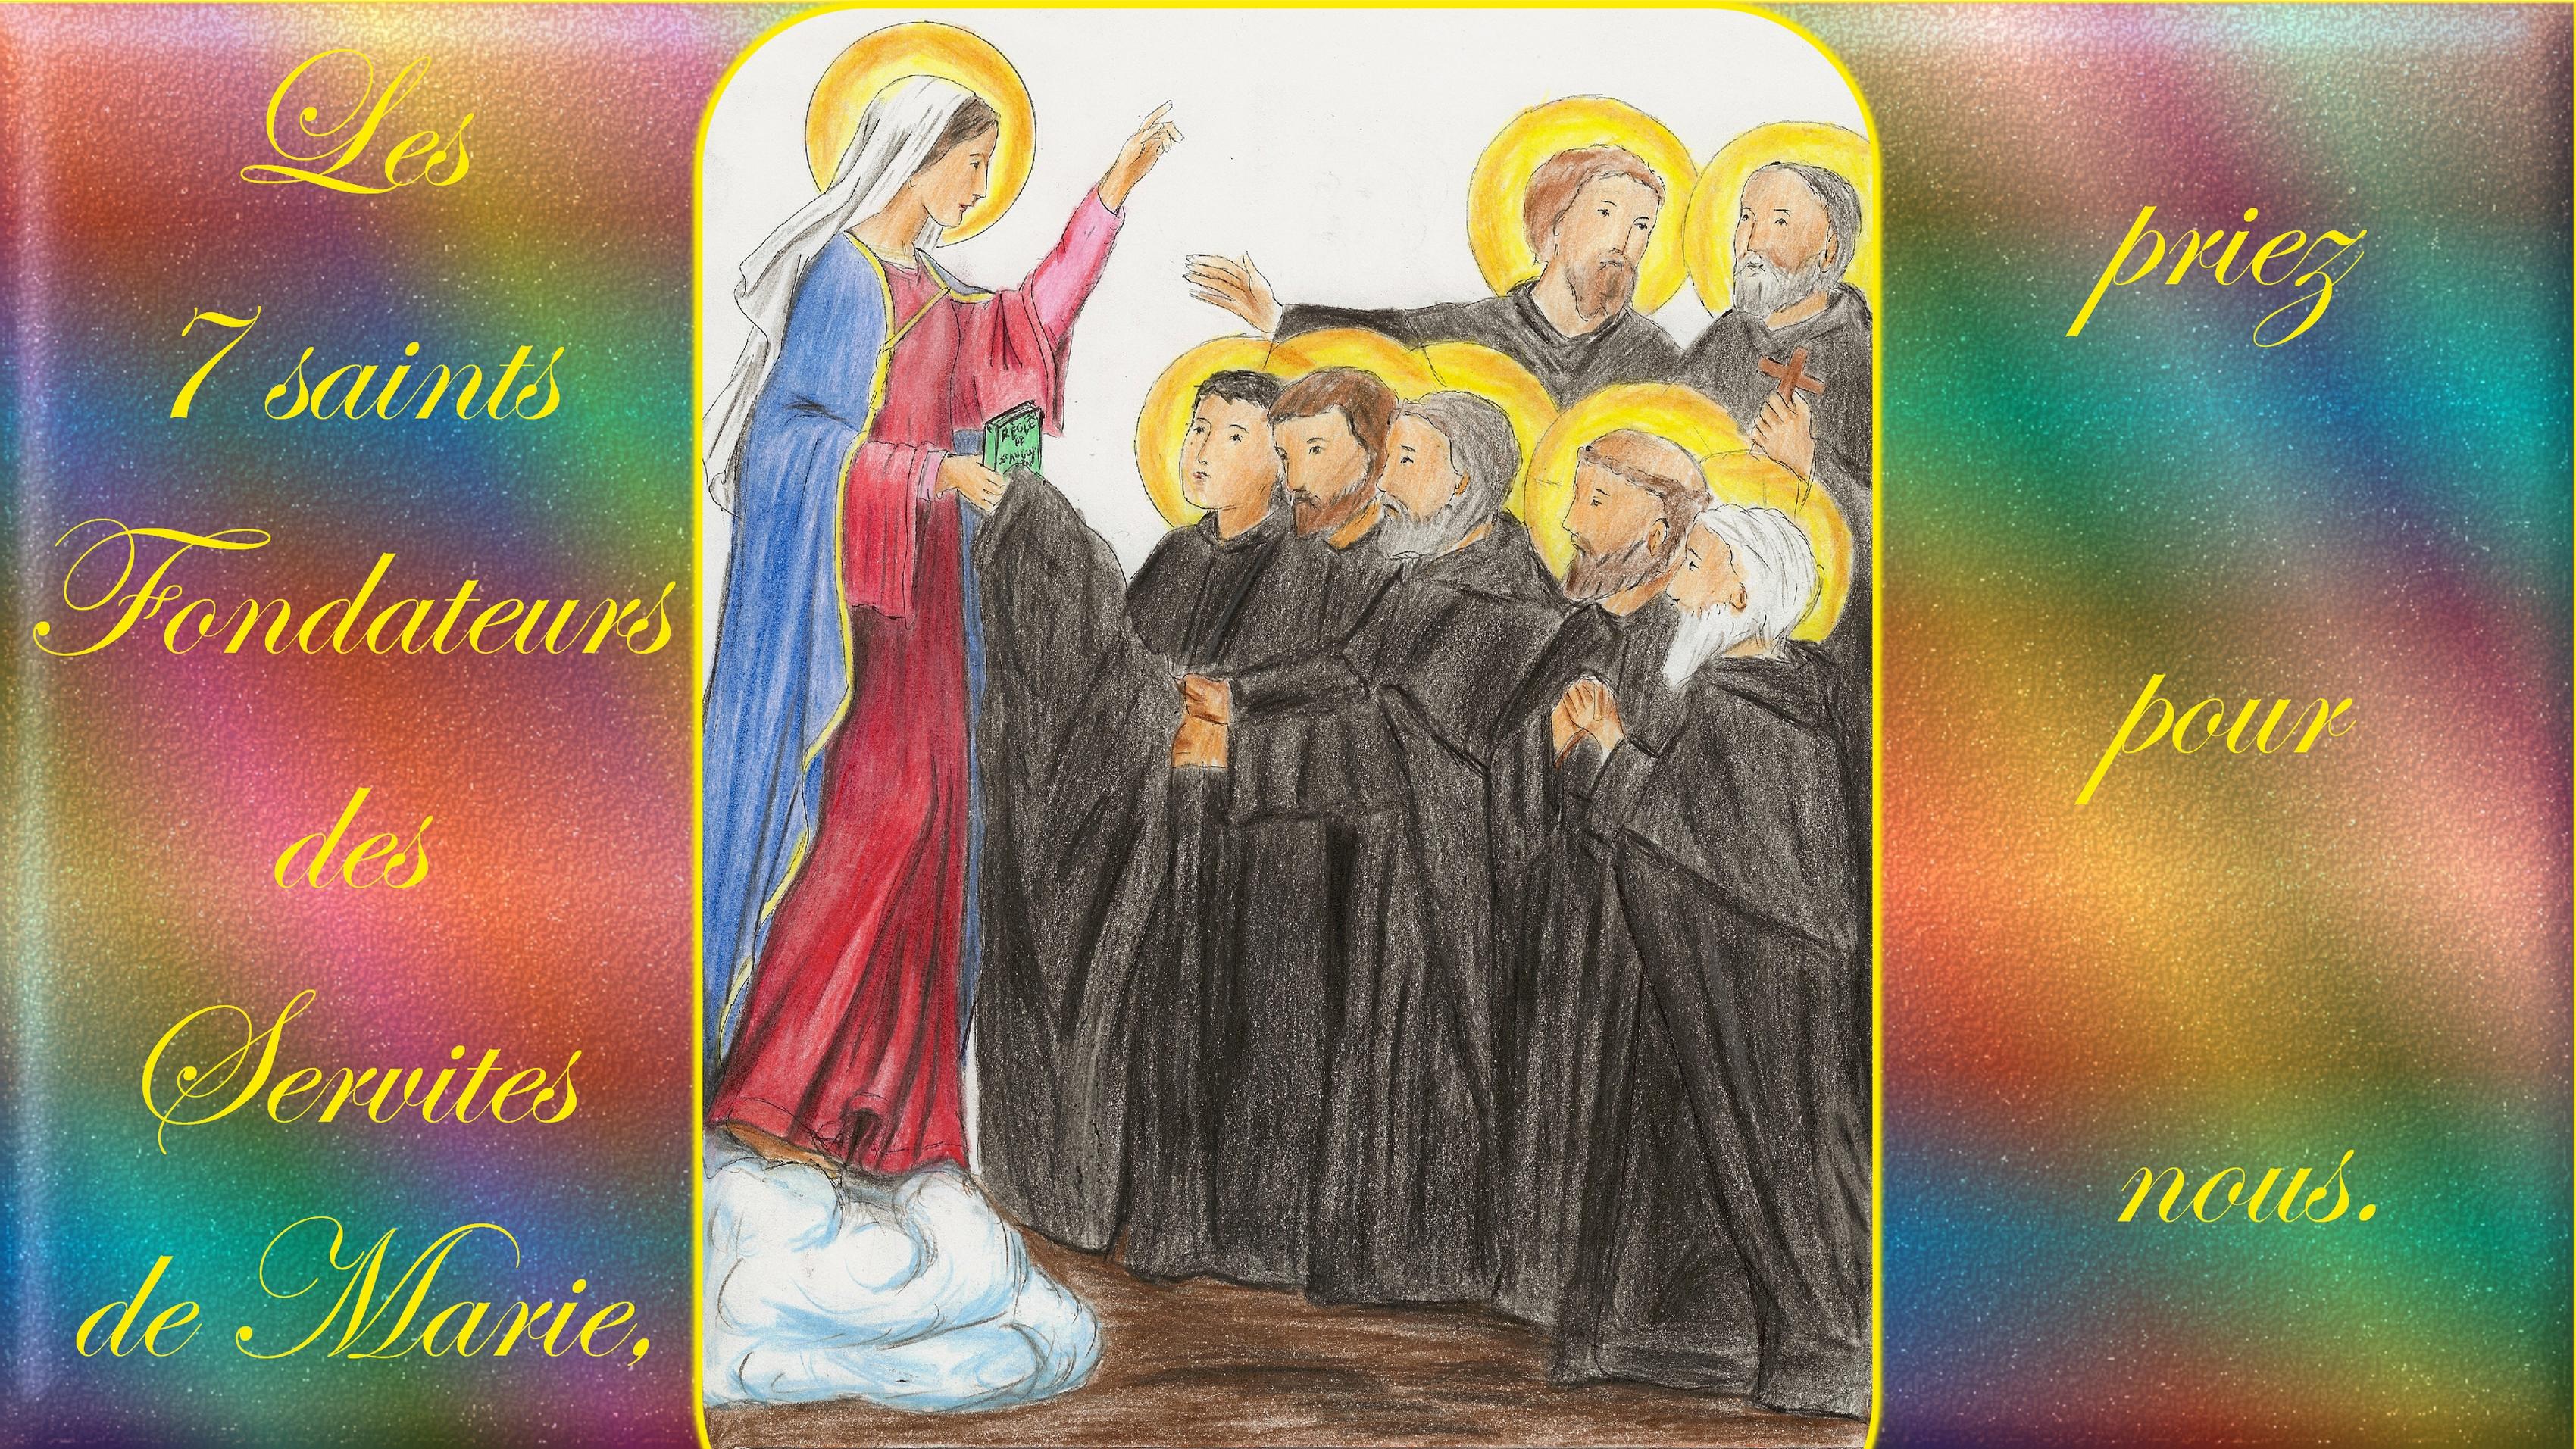 CALENDRIER CATHOLIQUE 2020 (Cantiques, Prières & Images) - Page 5 Les-7-sts-fondate...de-marie-570ab93